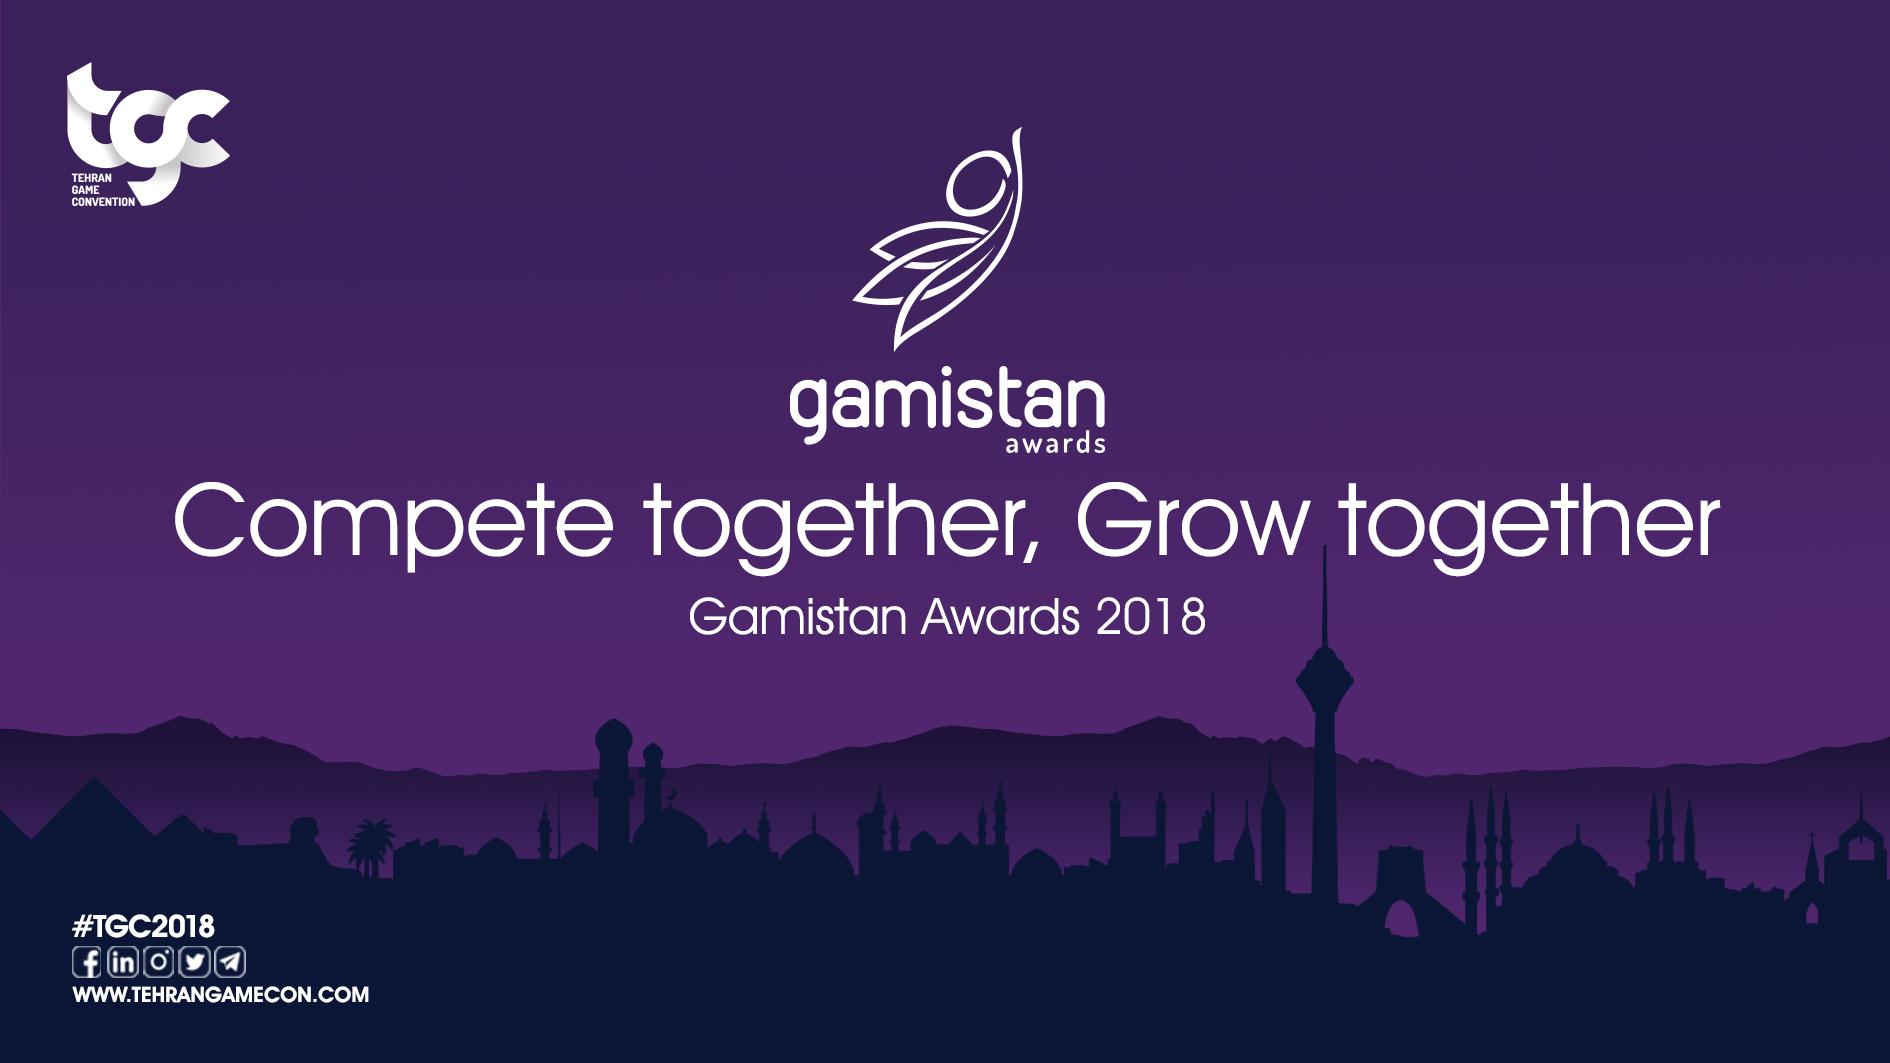 دریافت آثار برای رقابت در «جایزه گیمیستان 2018» آغاز شد